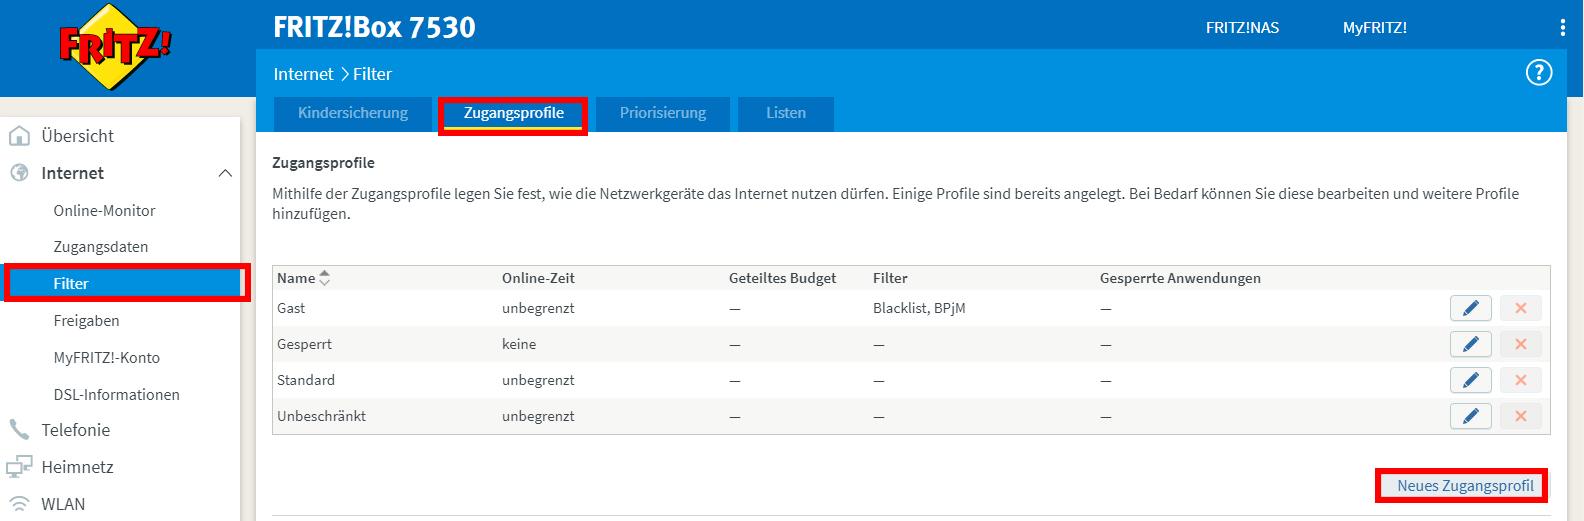 fritz-box-zugangsprofil-erstellen